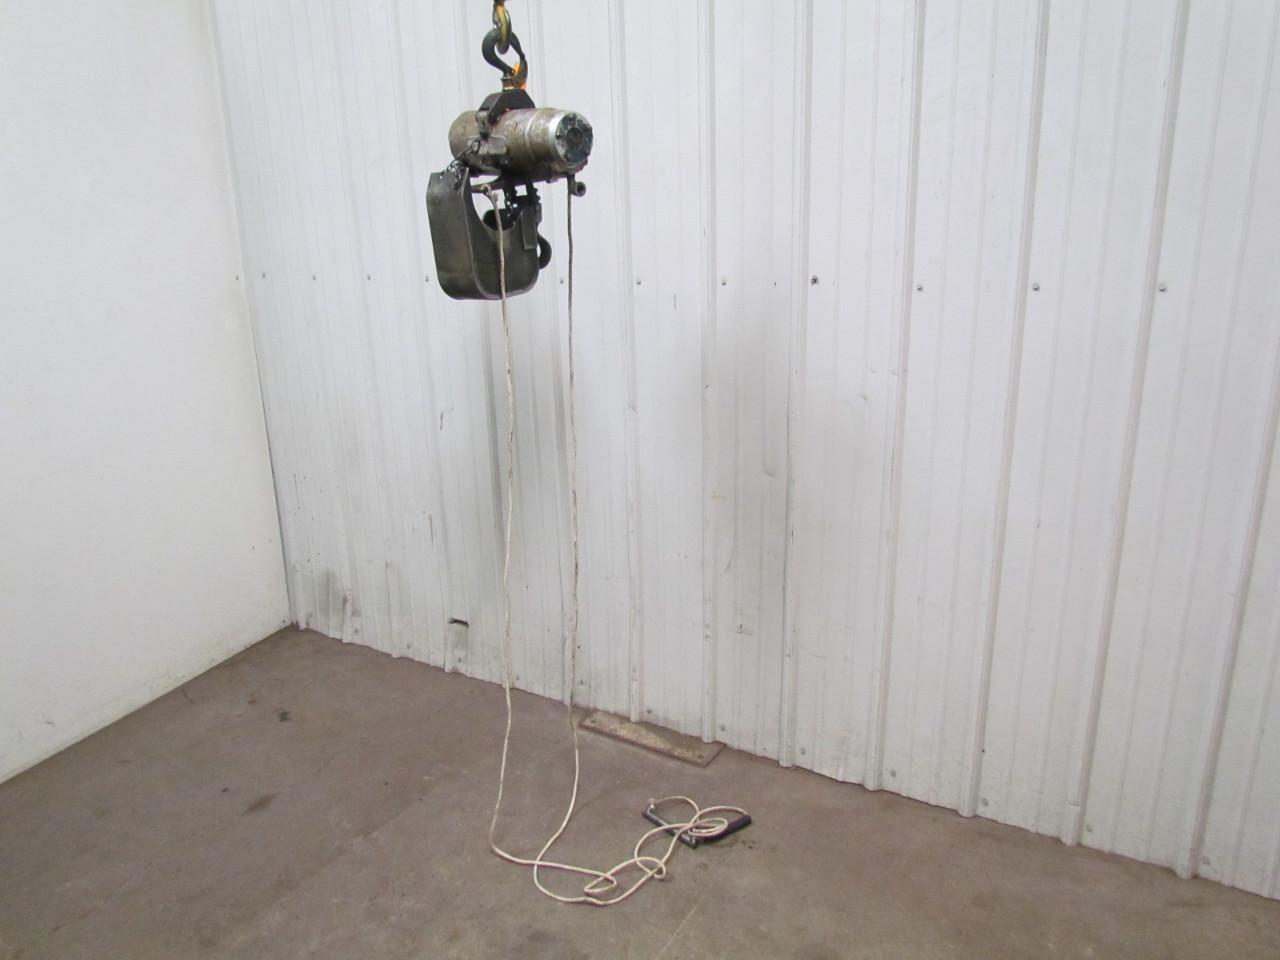 Gardner denver cooper 300lb air pneumatic chain hoist 14 39 6 for Gardner plumbing